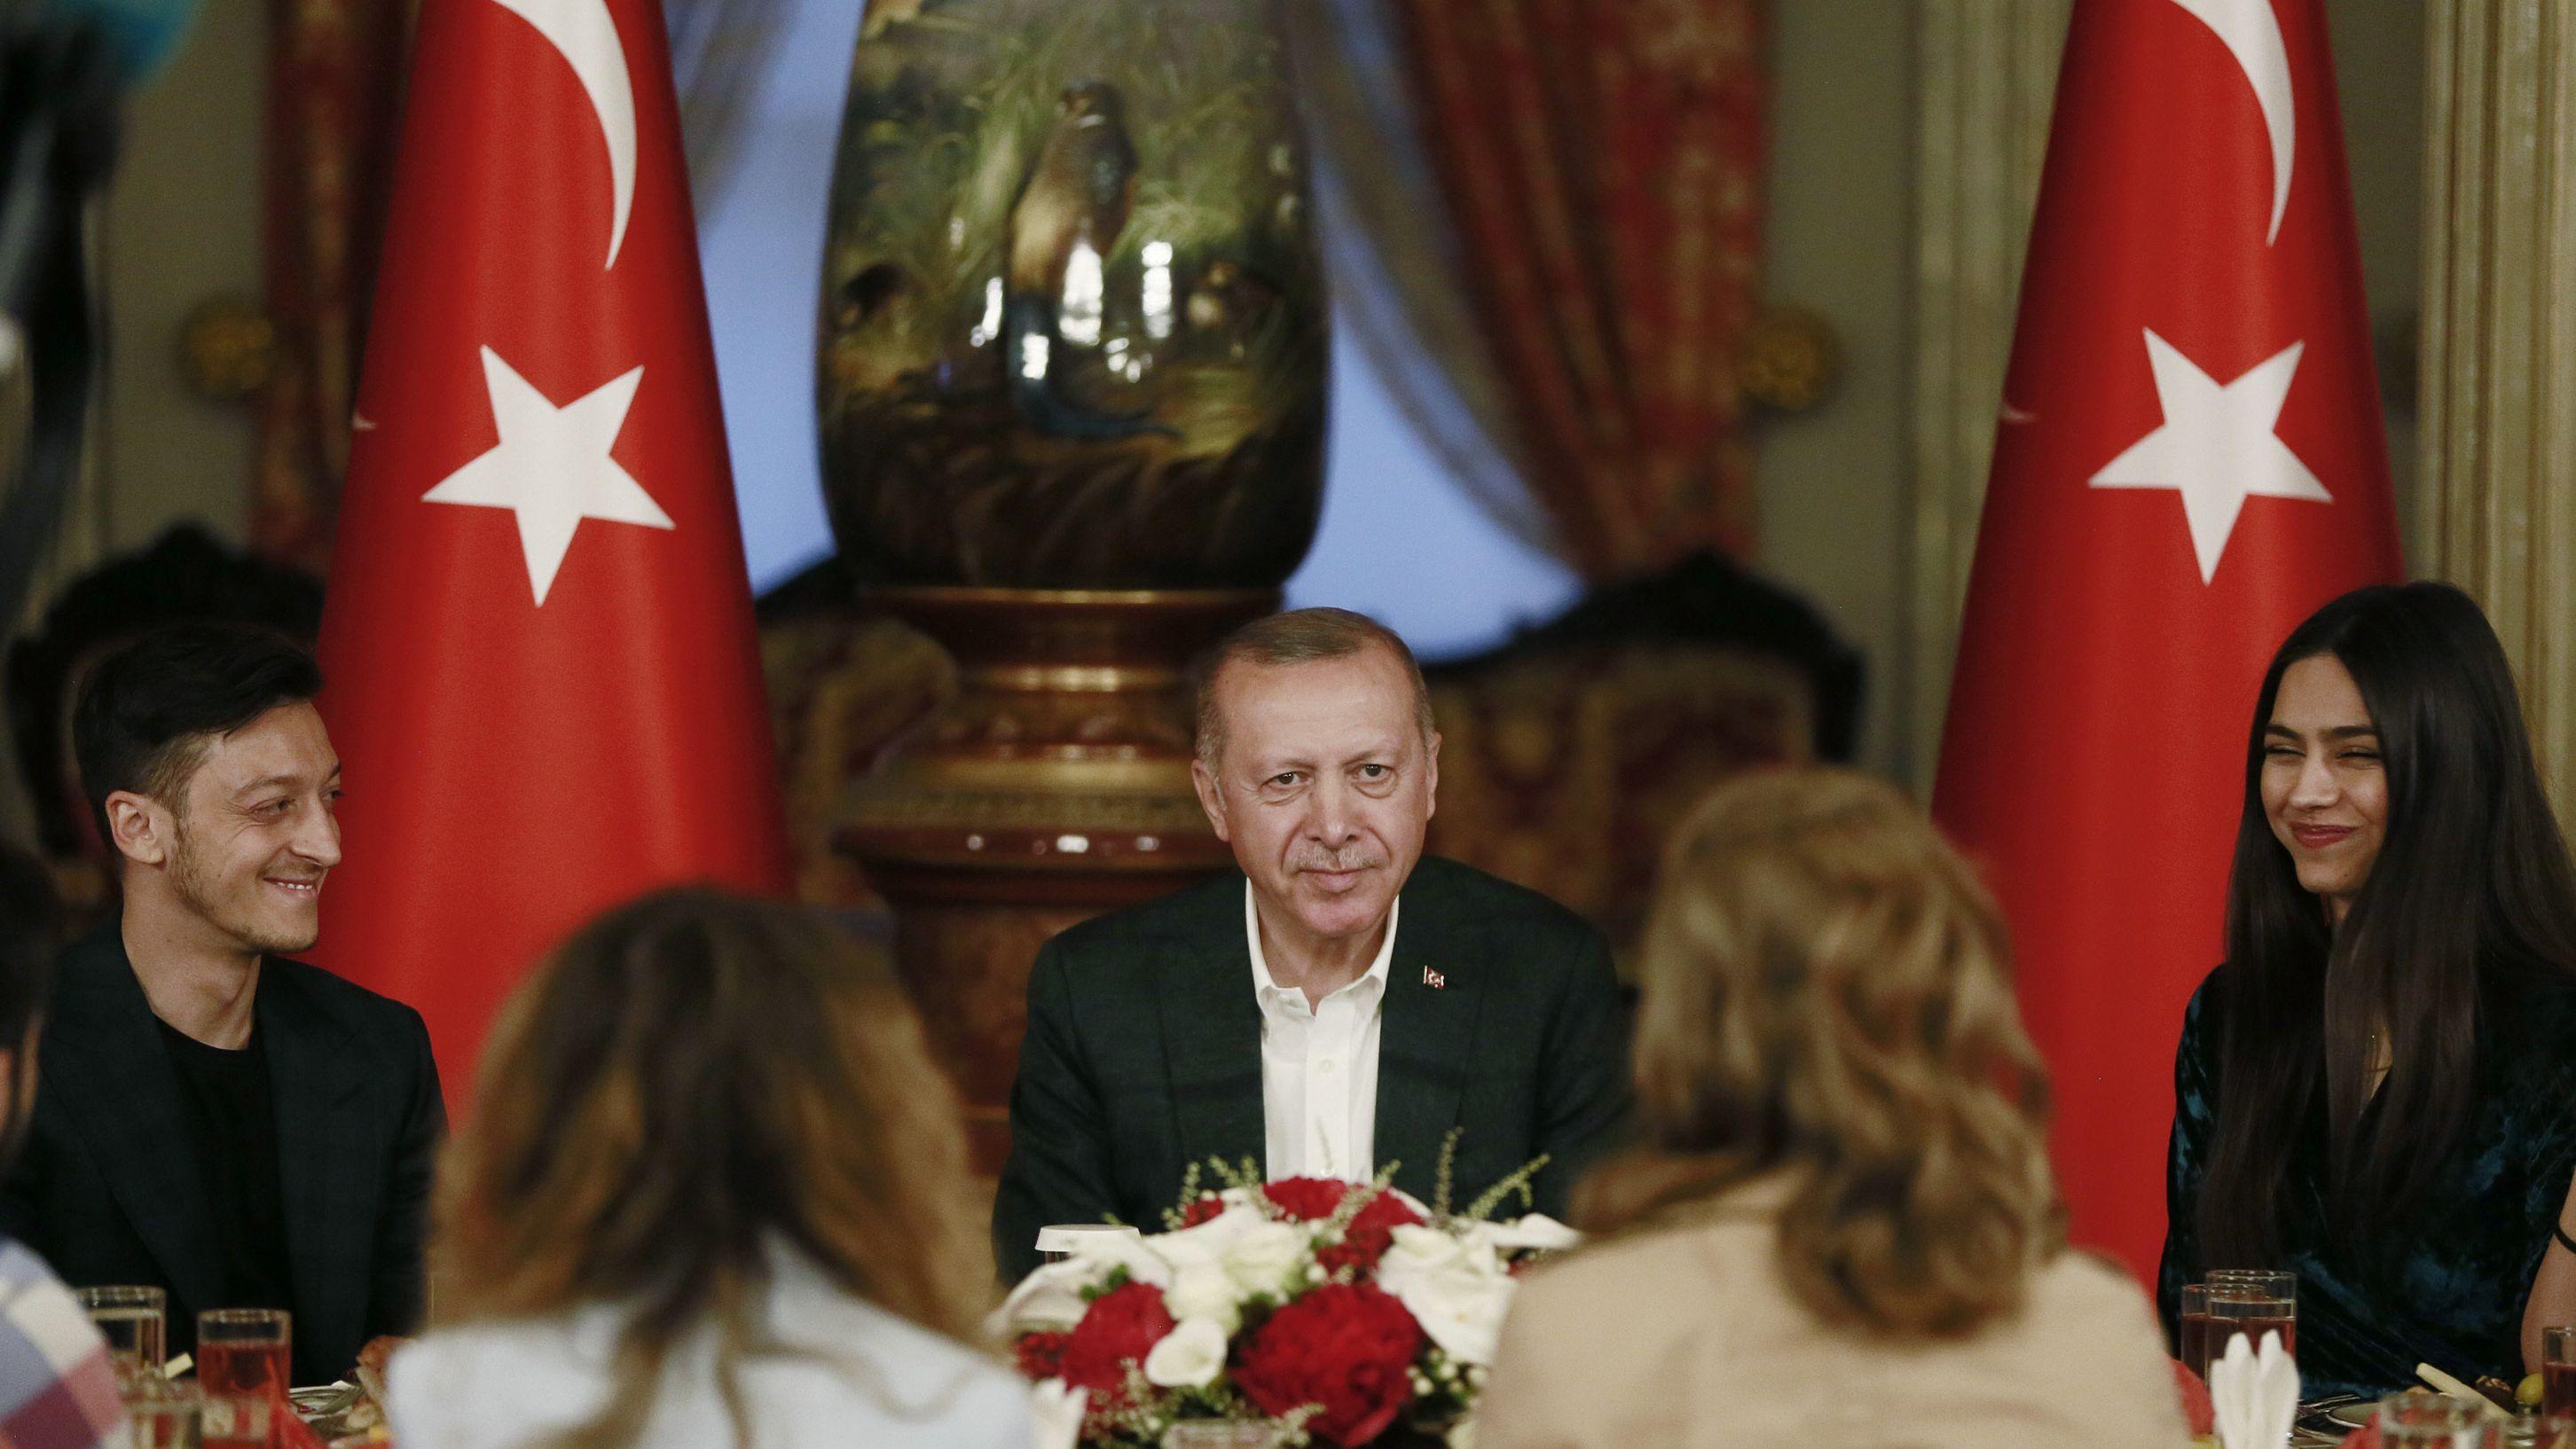 Recep Tayyip Erdogan (M), Präsident der Türkei, nimmt neben dem Arsenal-Profi und Ex-Nationalspieler Mesut Özil (l) und seiner Verlobten Amine Gulse (r), an einem Iftar teil, einem Mahl am Abend während des muslimischen Fastenmonats Ramadan.